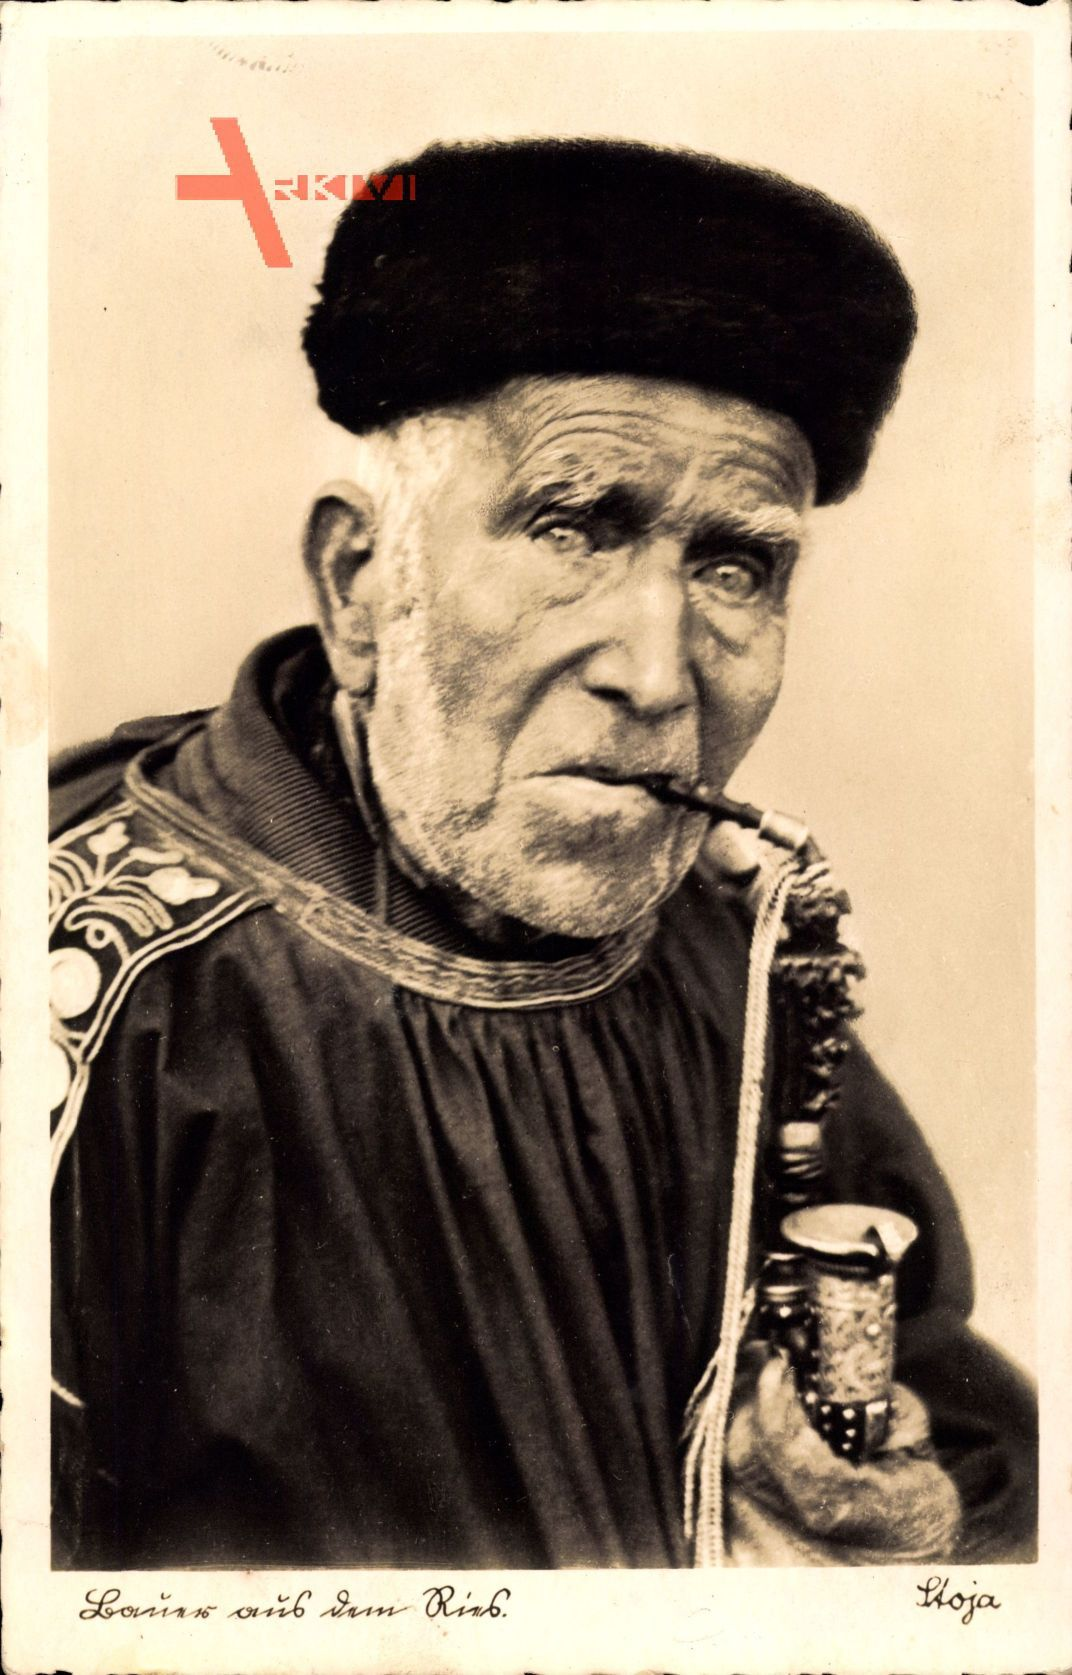 Bauer aus dem Ries, Alter Mann in Tracht, Pfeife, Pelzmütze